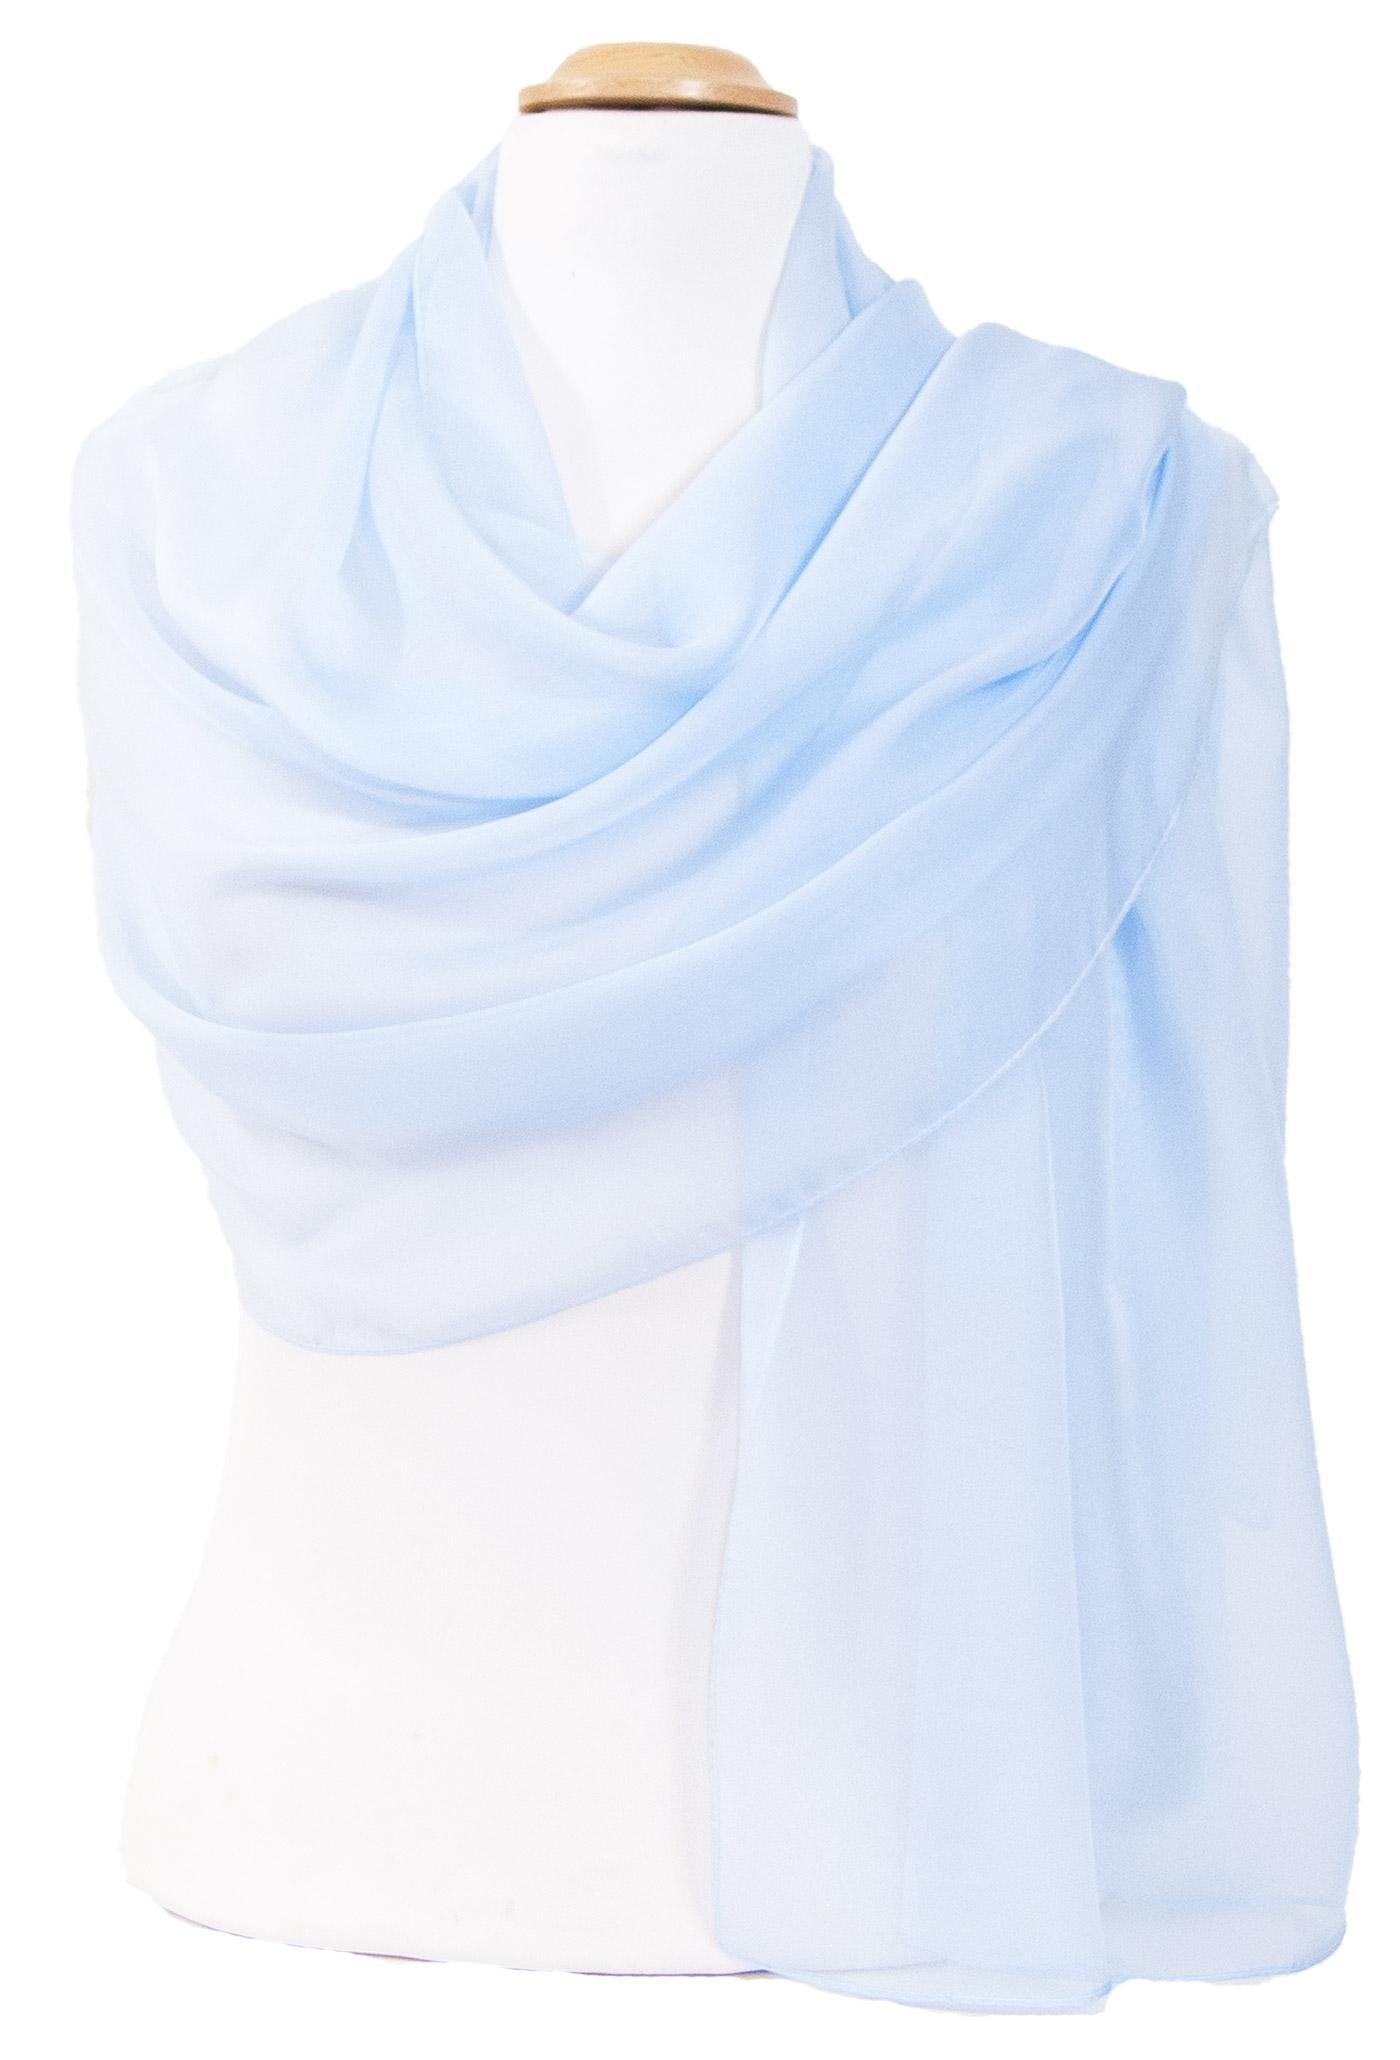 étole femme mousseline de soie bleu ciel